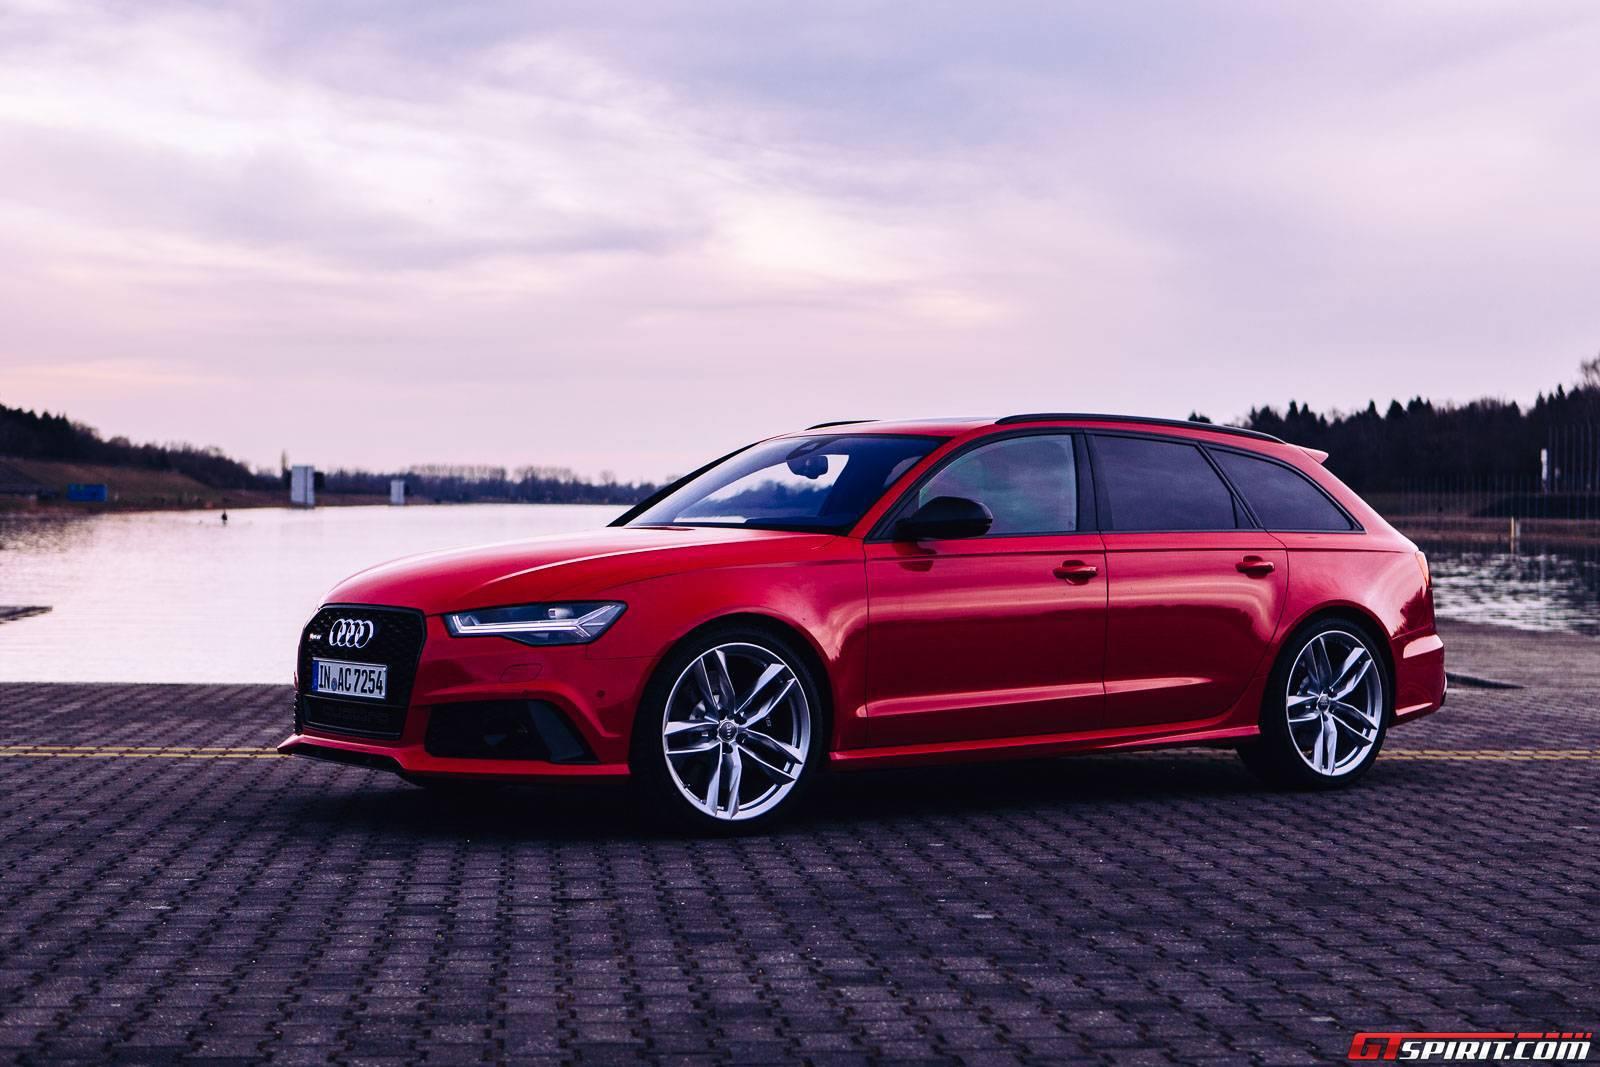 Kelebihan Kekurangan Audi Rs6 2016 Tangguh